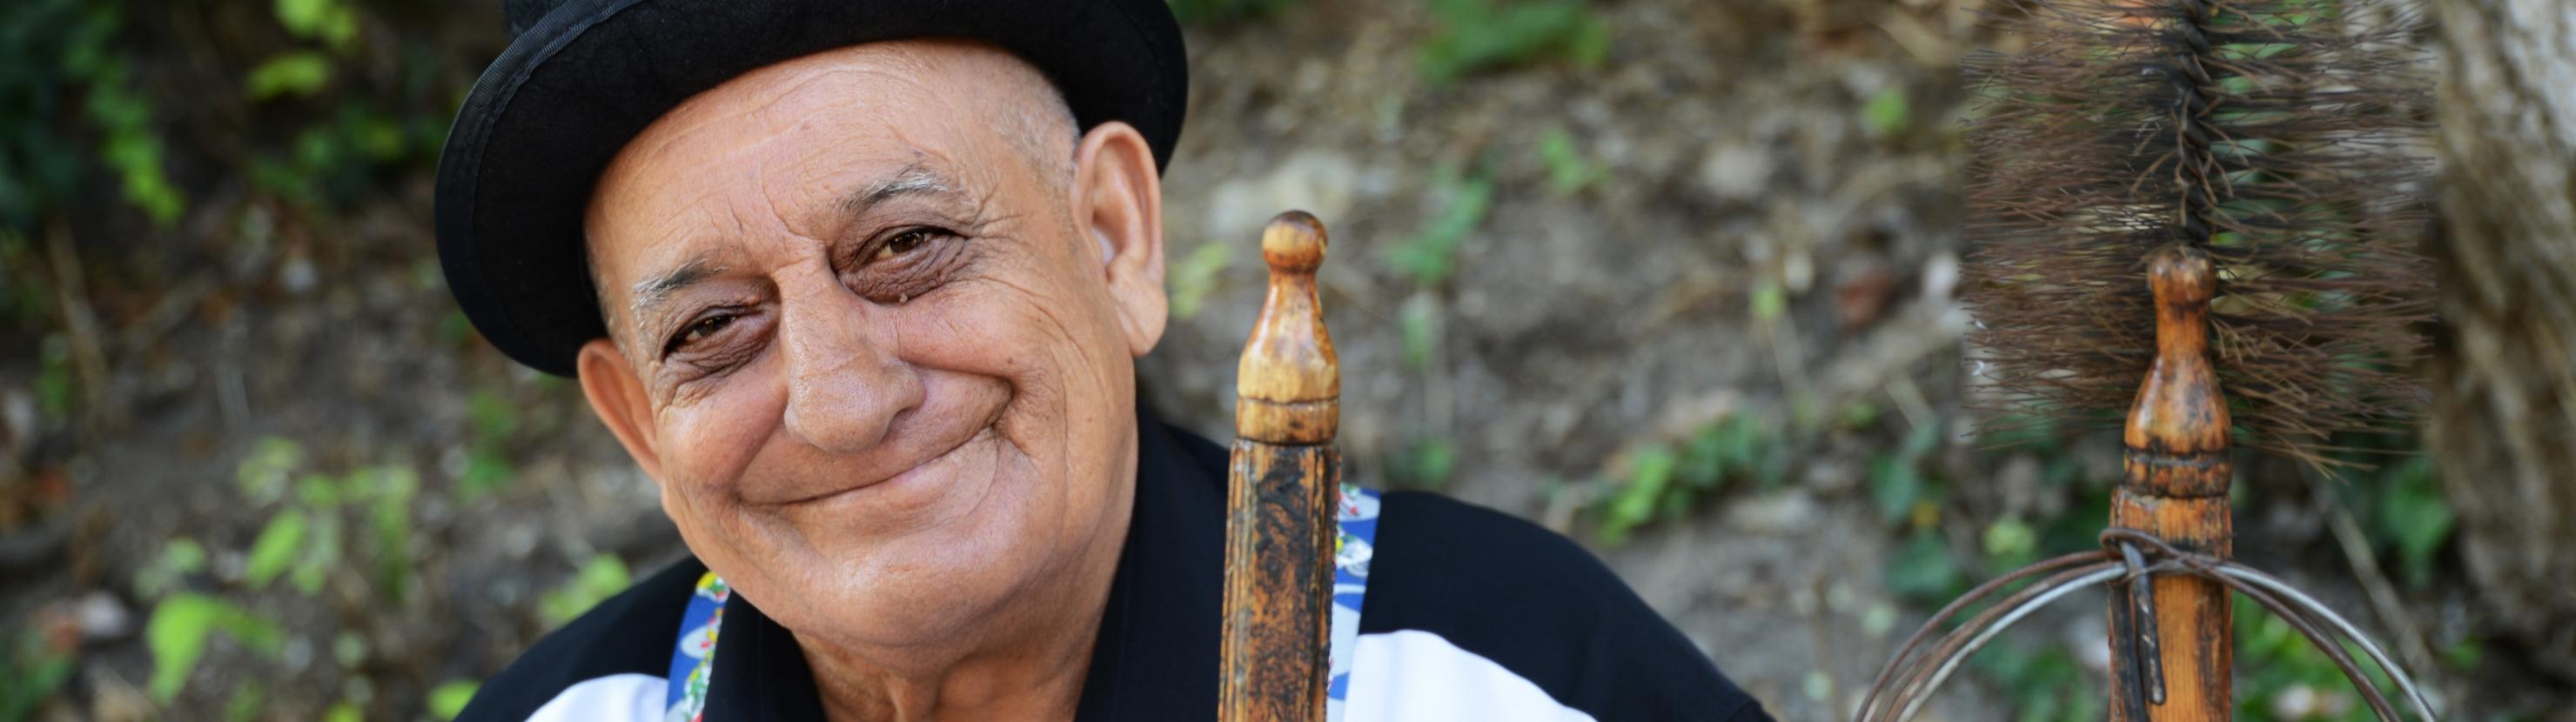 Bulgaaria kultuuri- ja puhkusereis